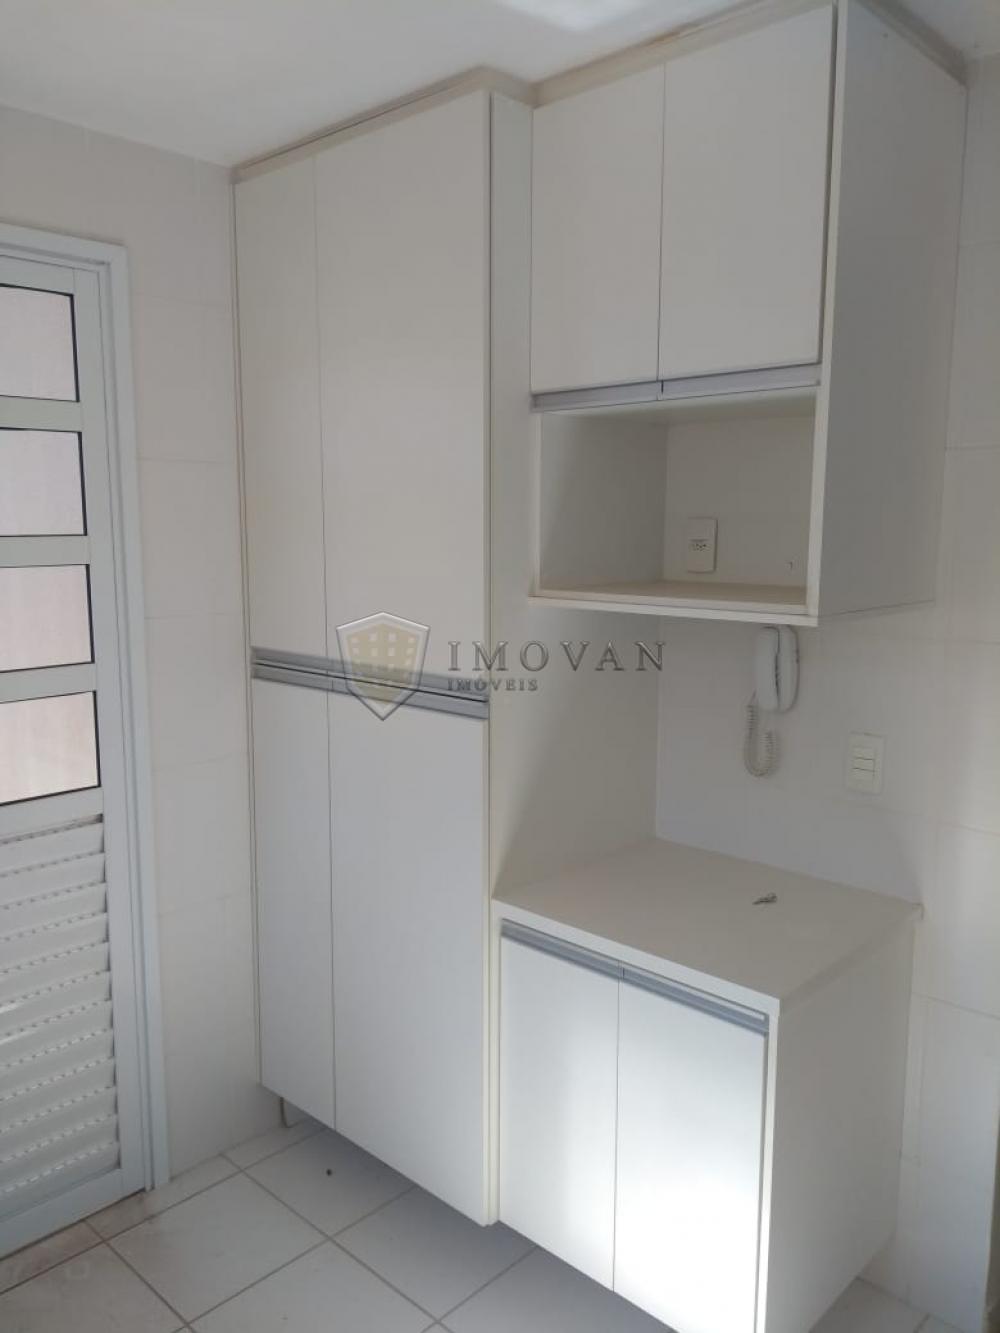 Comprar Casa / Condomínio em Ribeirão Preto apenas R$ 400.000,00 - Foto 6